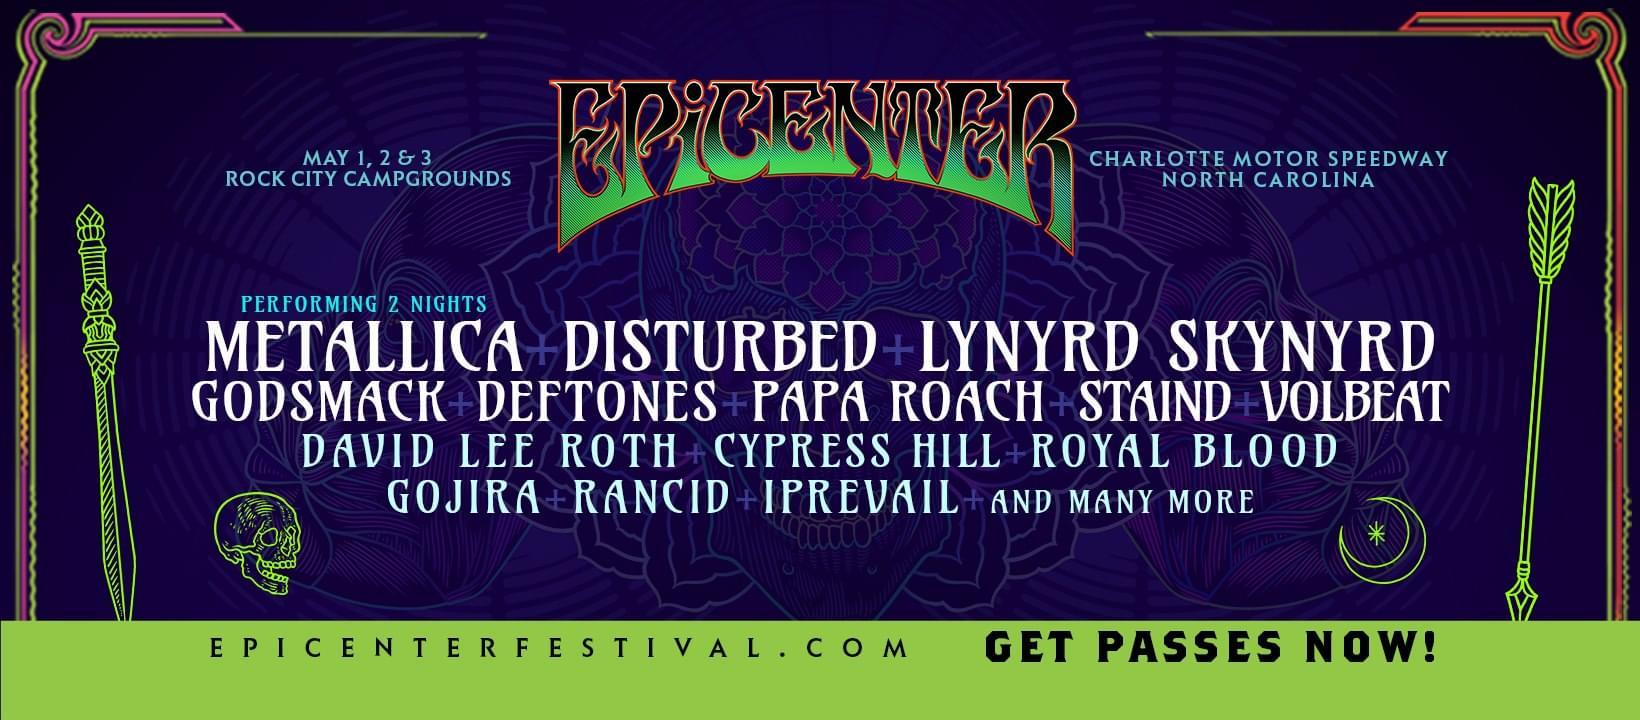 Epicenter Festival, Charlotte